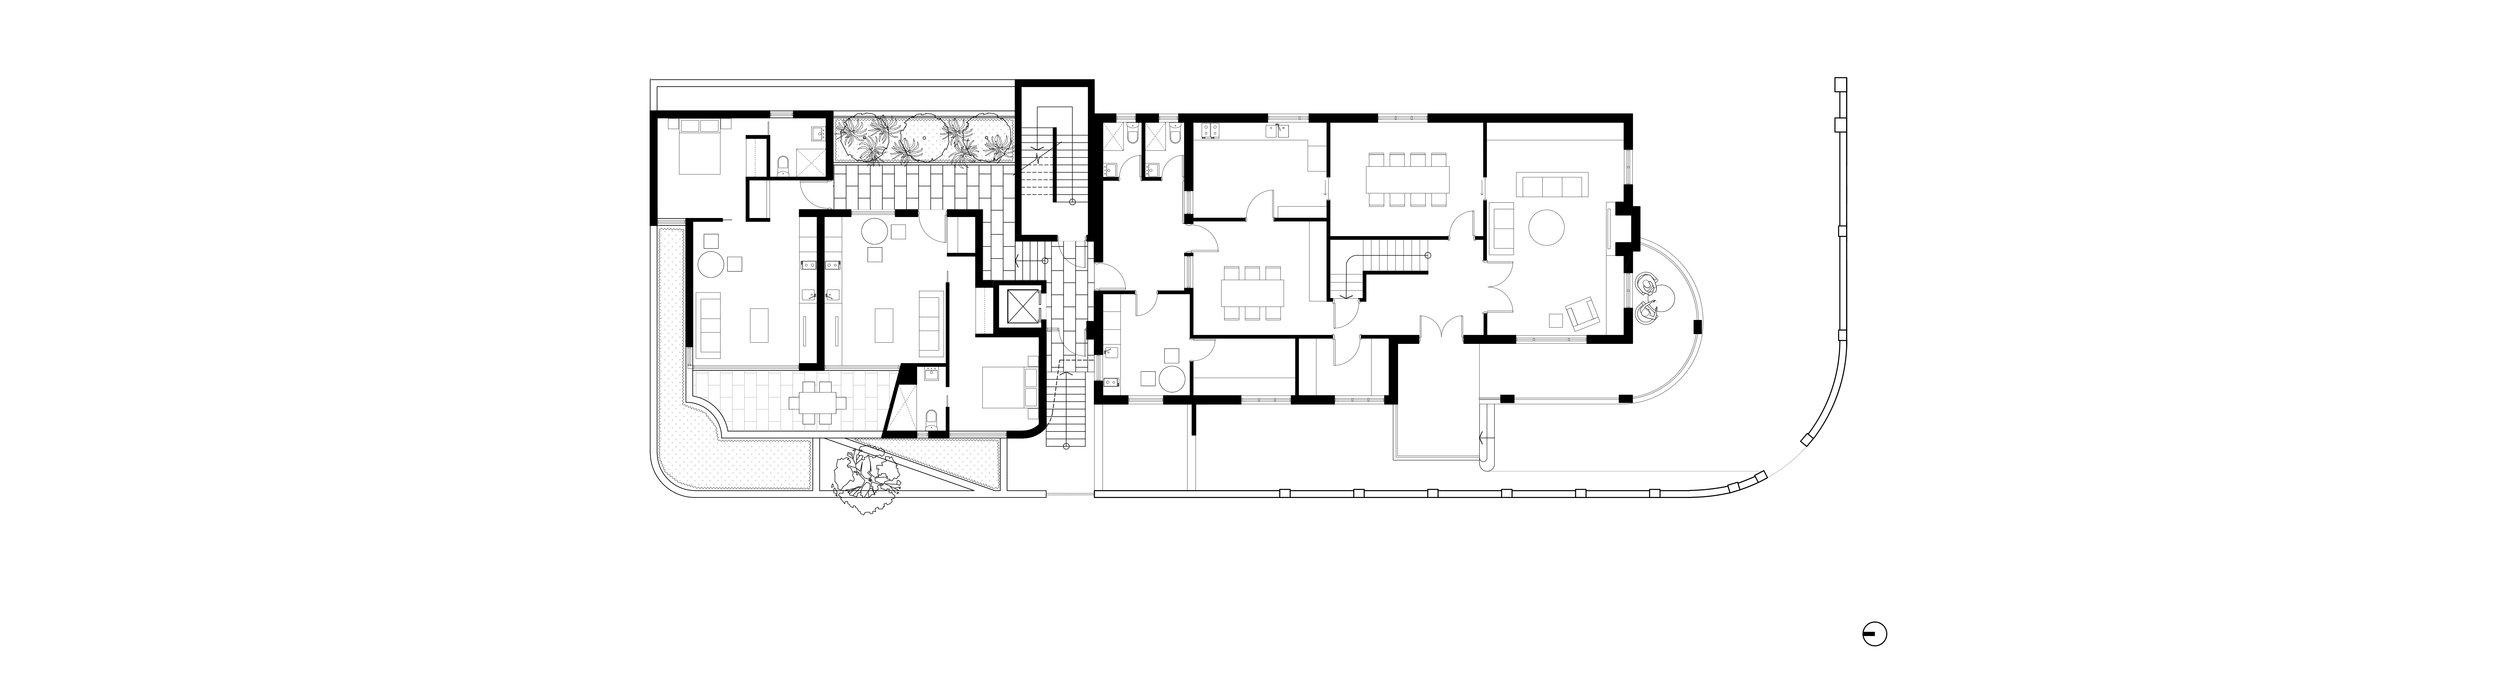 1704_Ground Plan.jpg